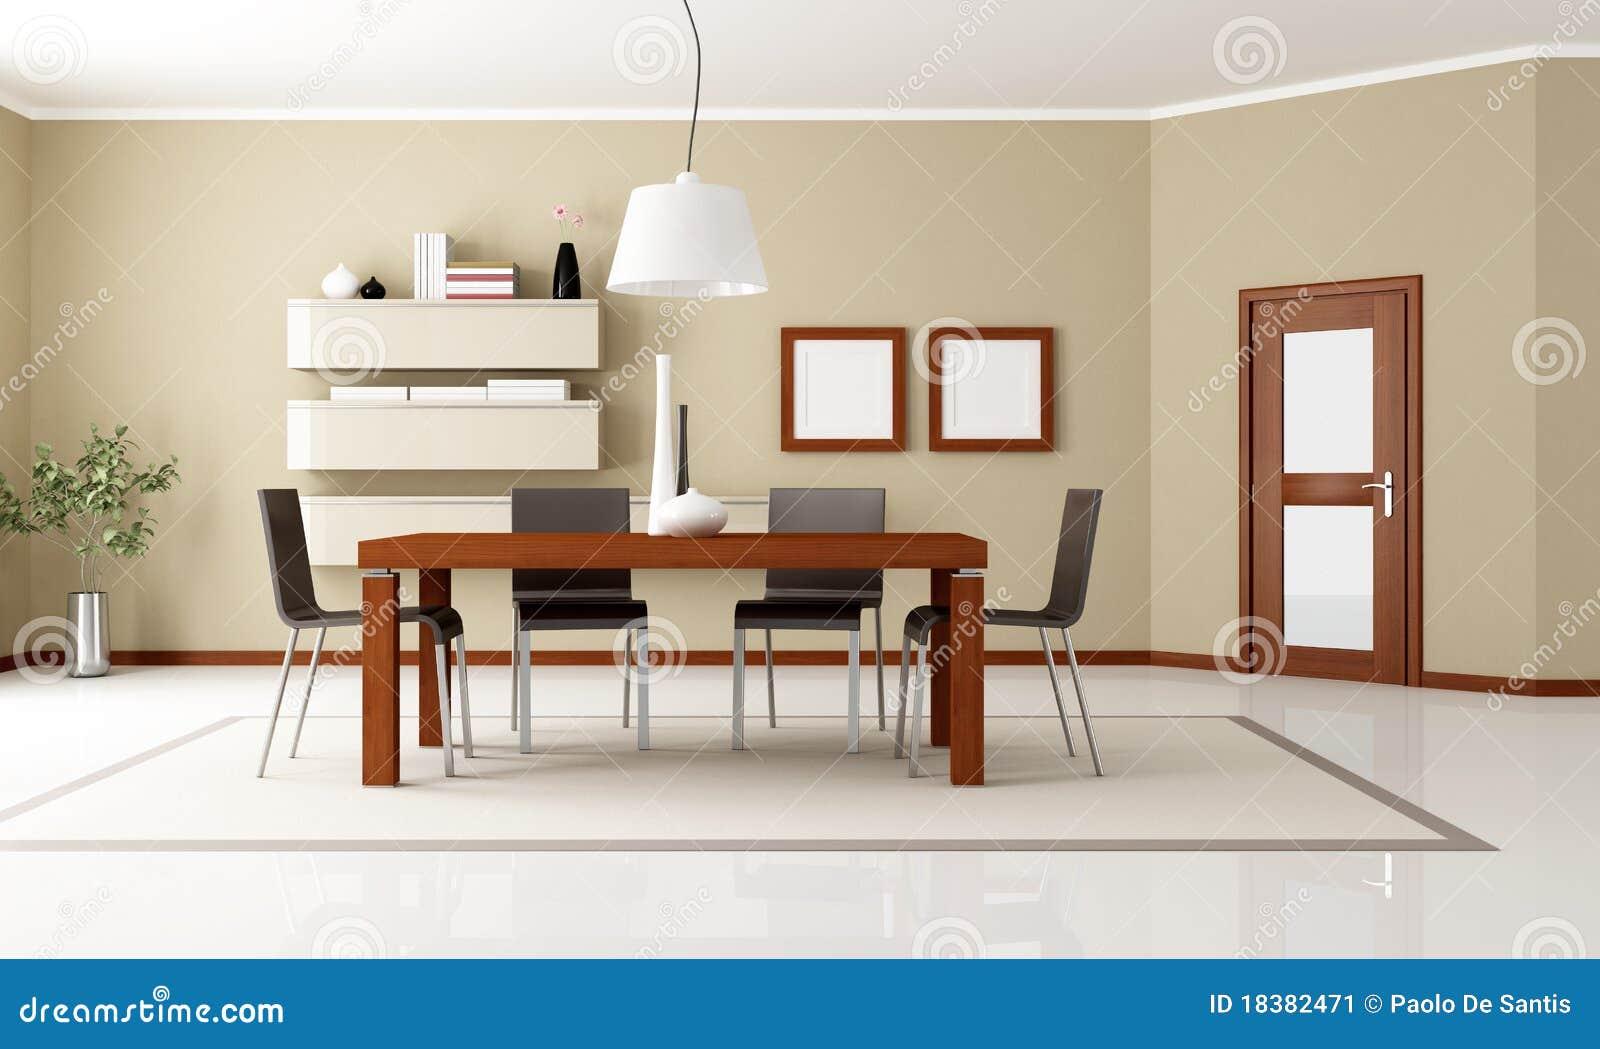 Sala de jantar moderna elegante imagem de stock imagem for Salas modernas